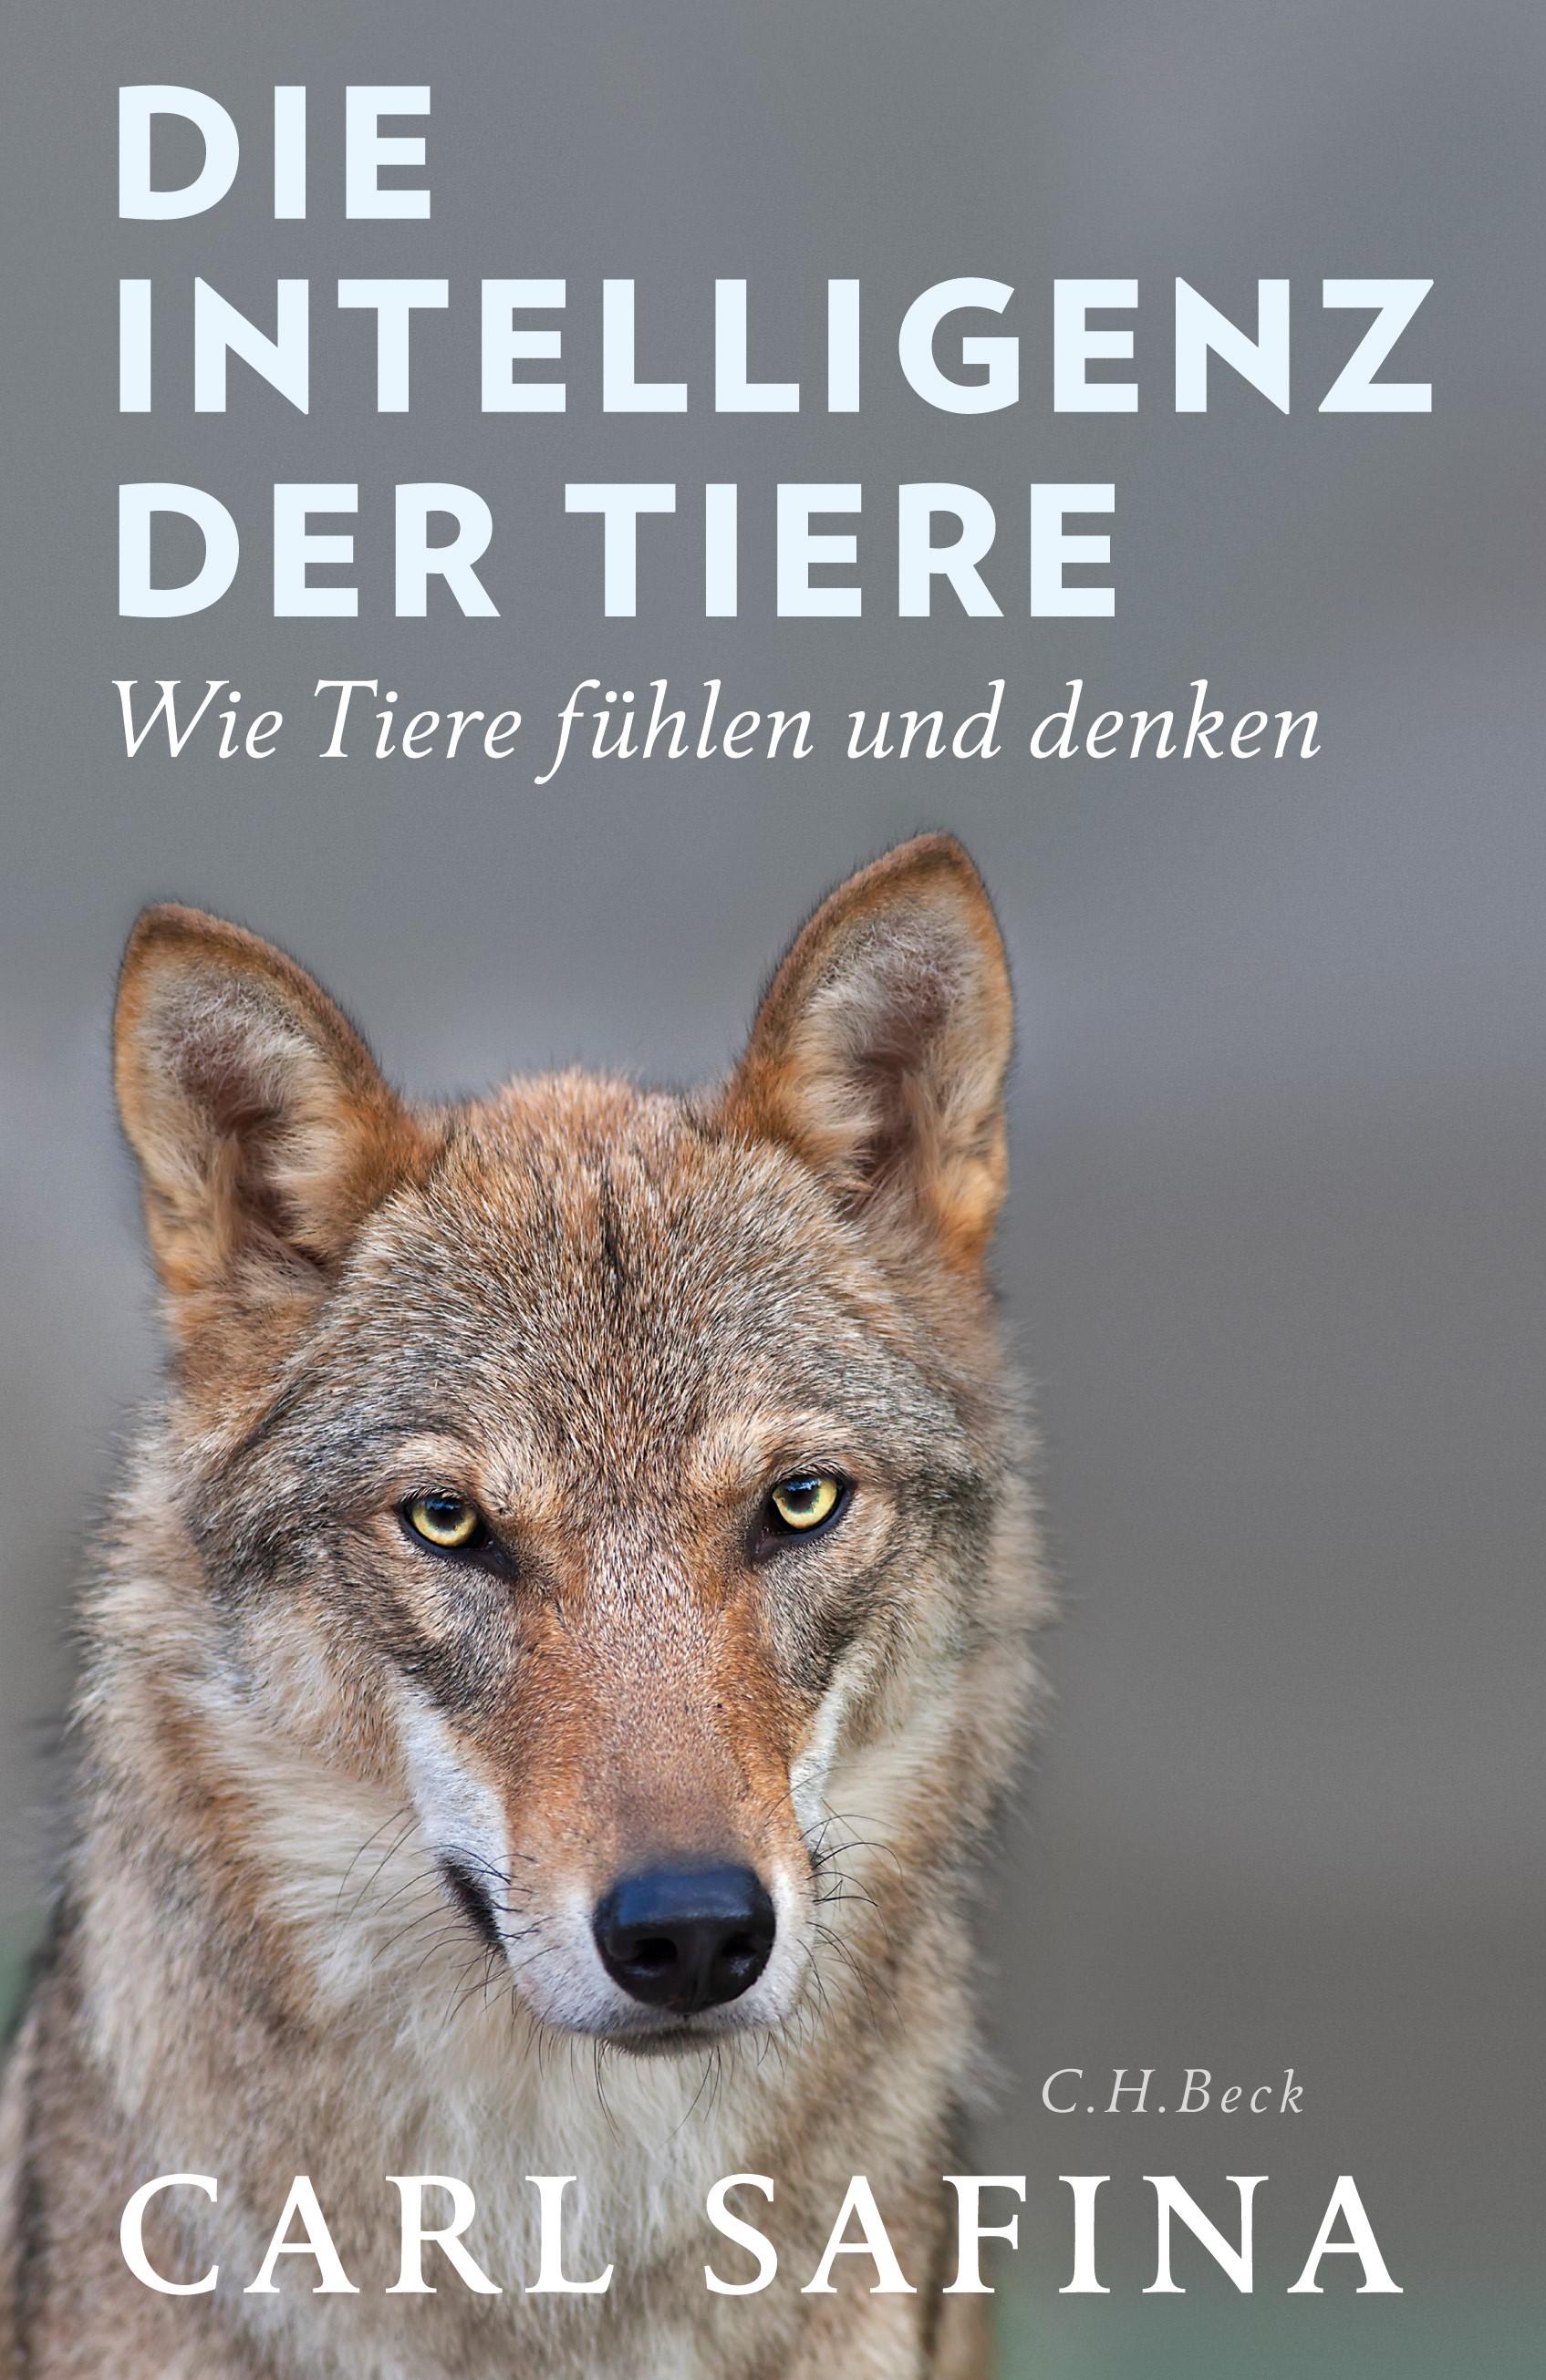 Cover des Buches 'Die Intelligenz der Tiere'